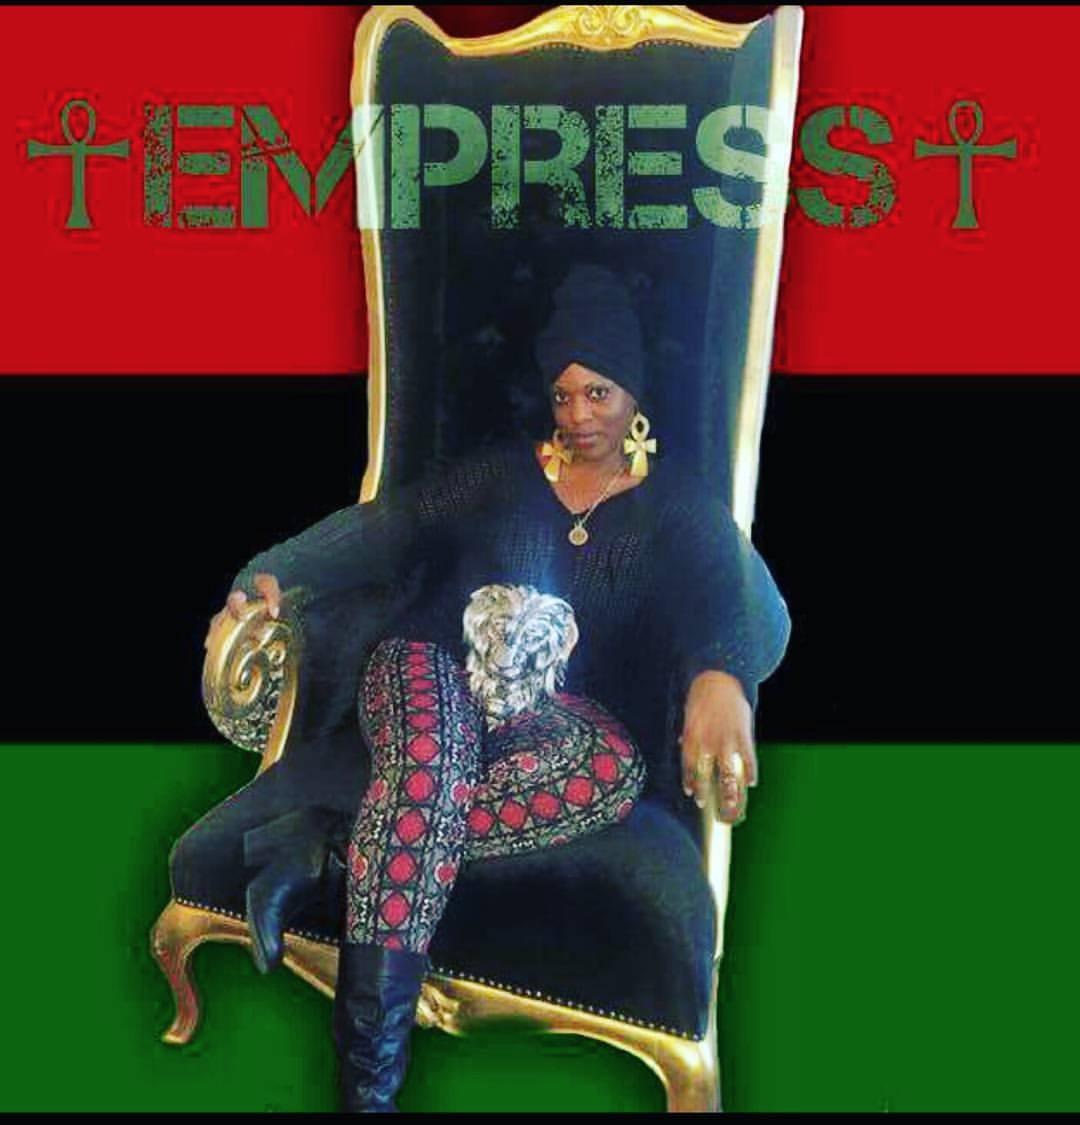 @empressjade Cover Image